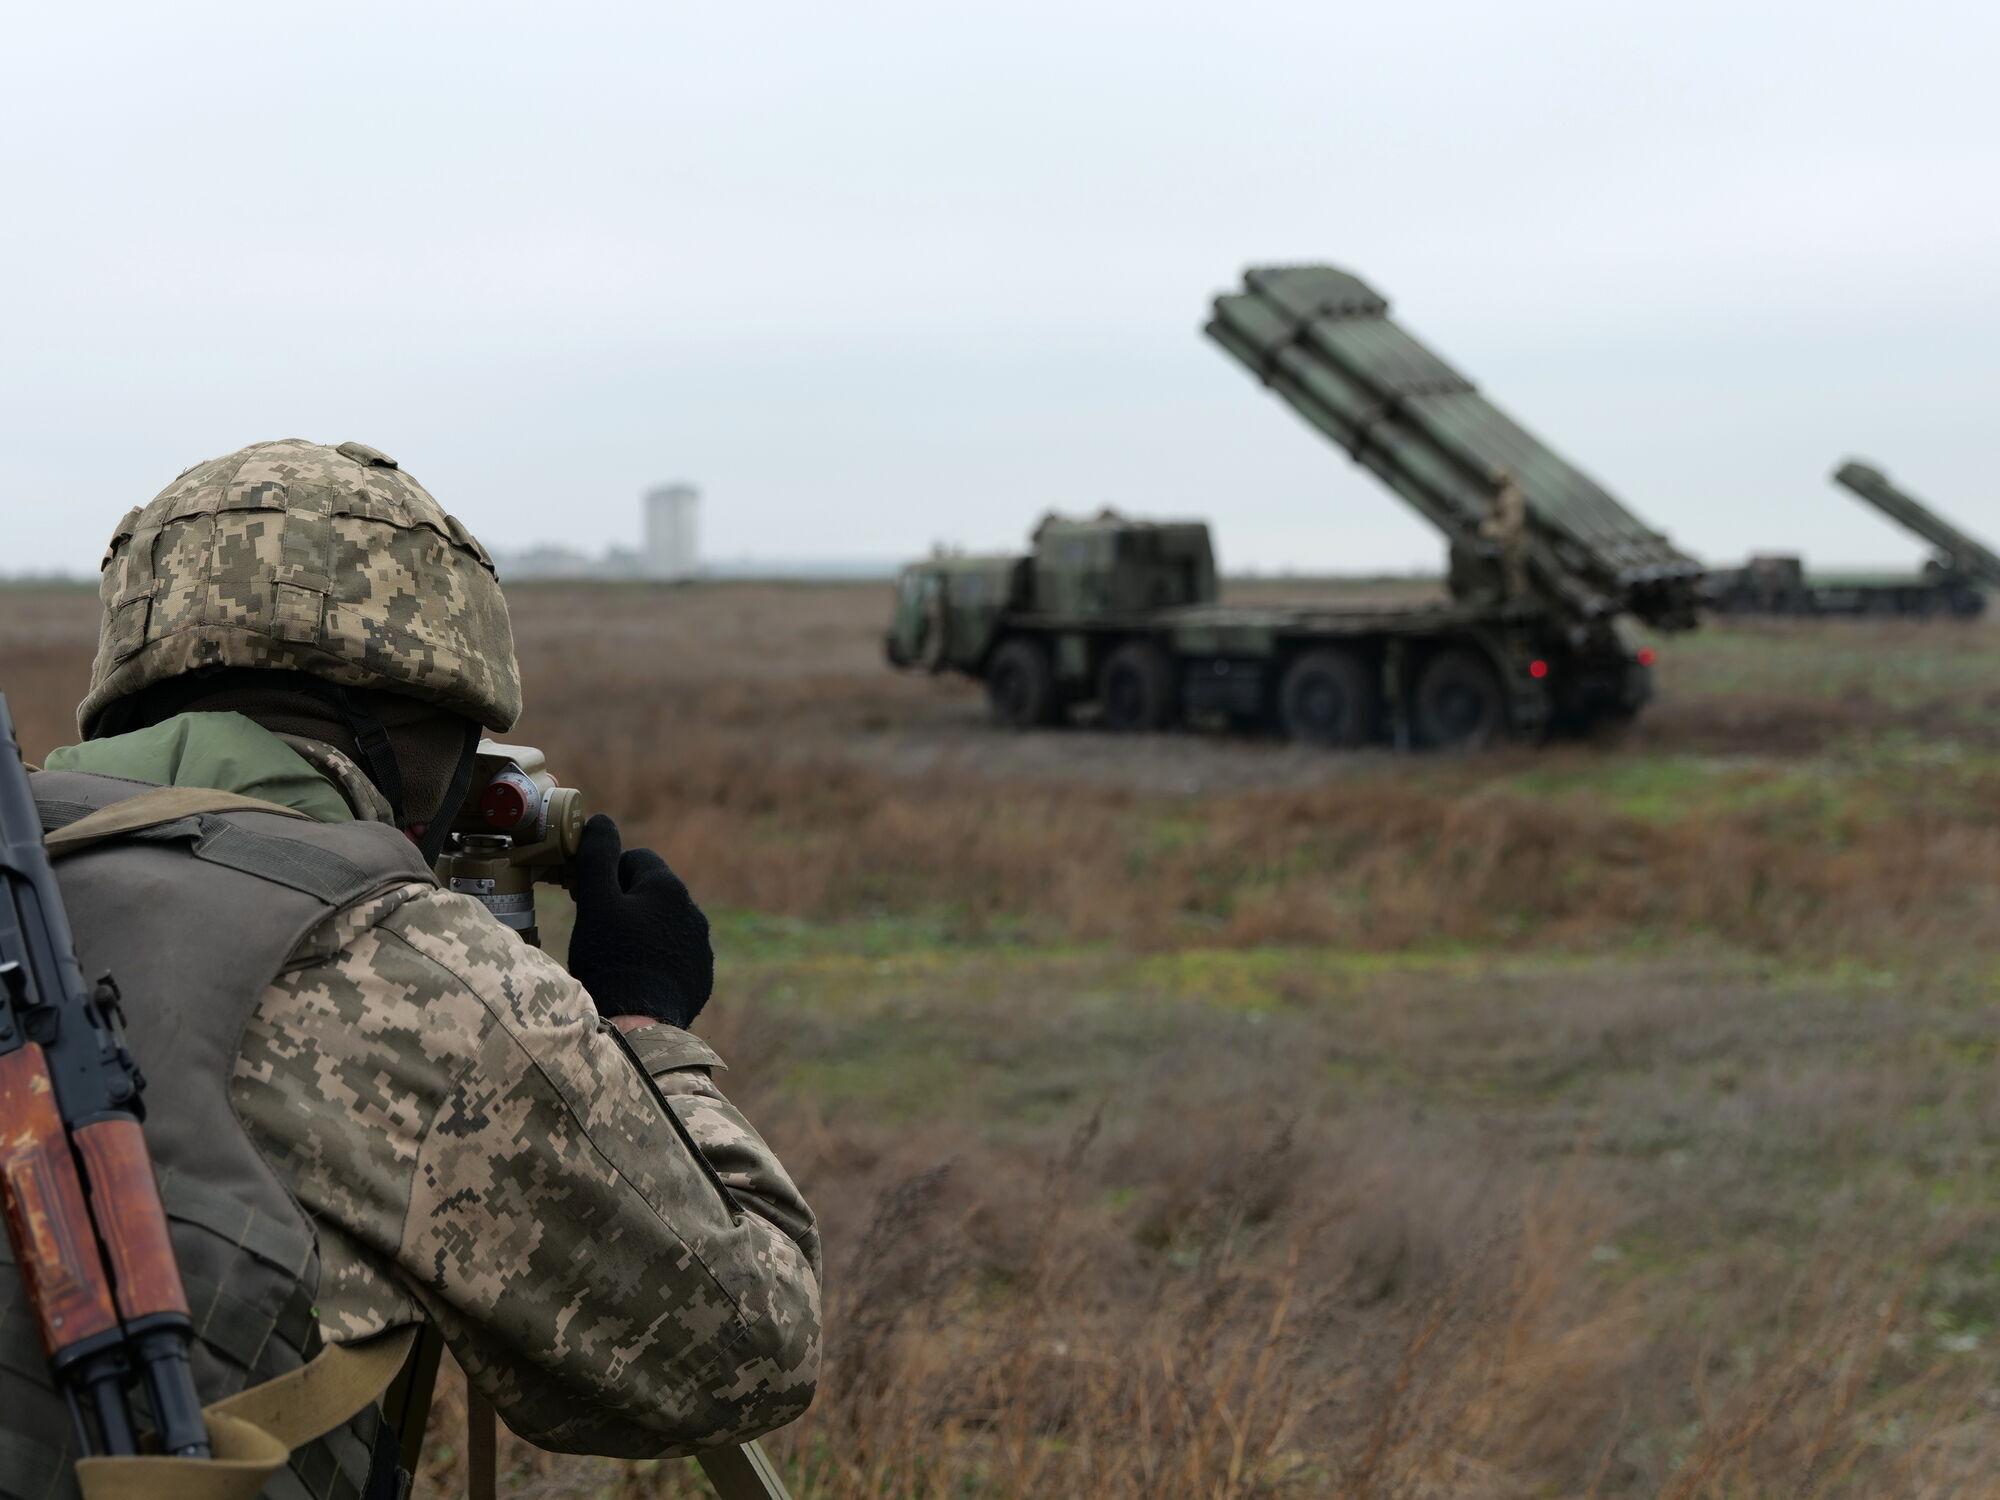 Занятия по готовности ракетных подразделений ВСУ проходят и днем, и ночью.